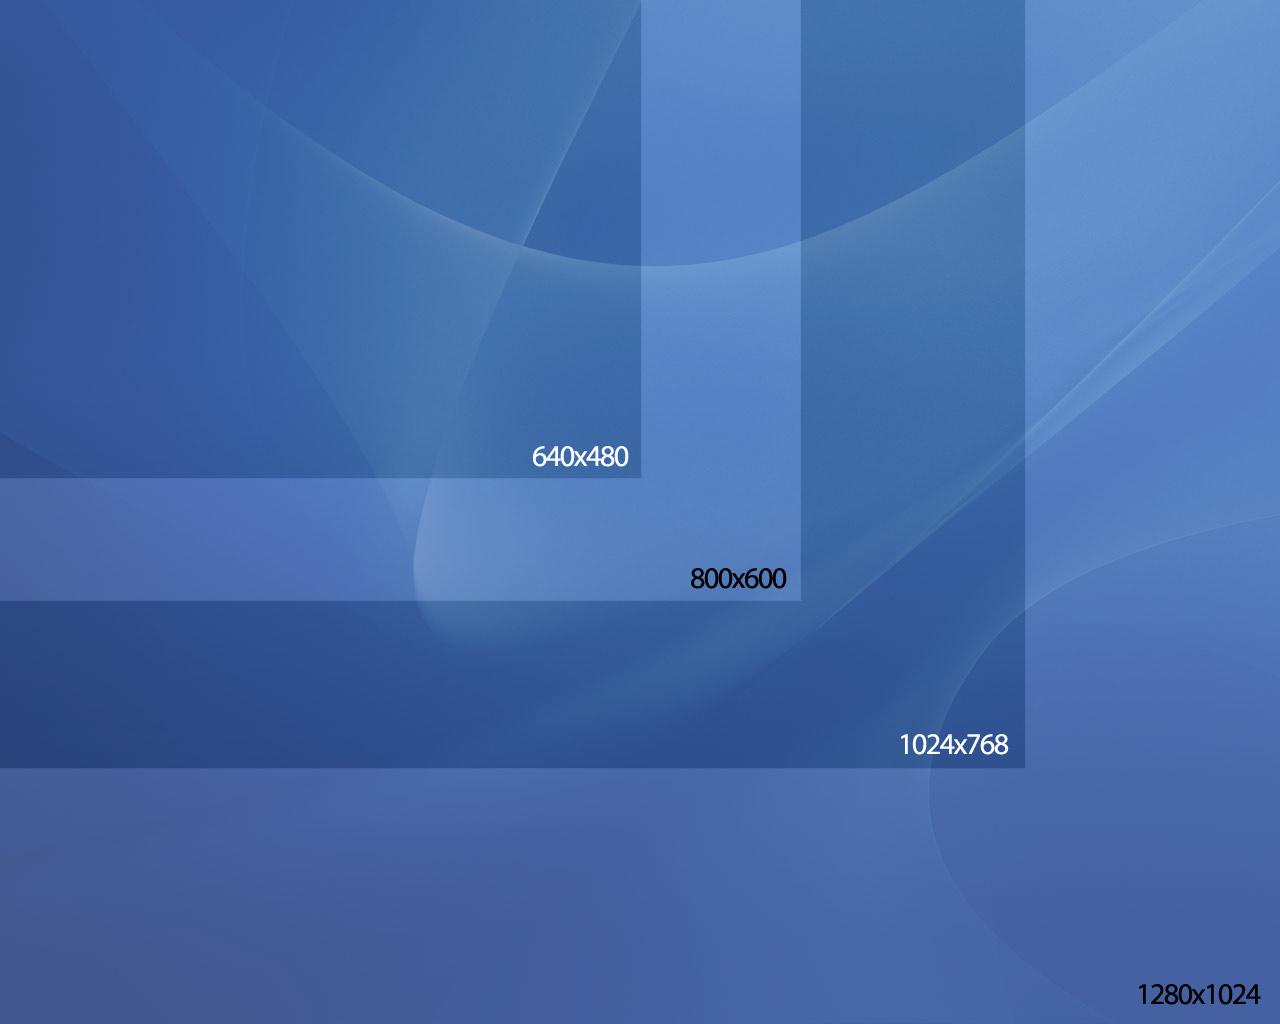 Background image dimensions - 1024 X 768 Pixels 1152 X 870 Pixels